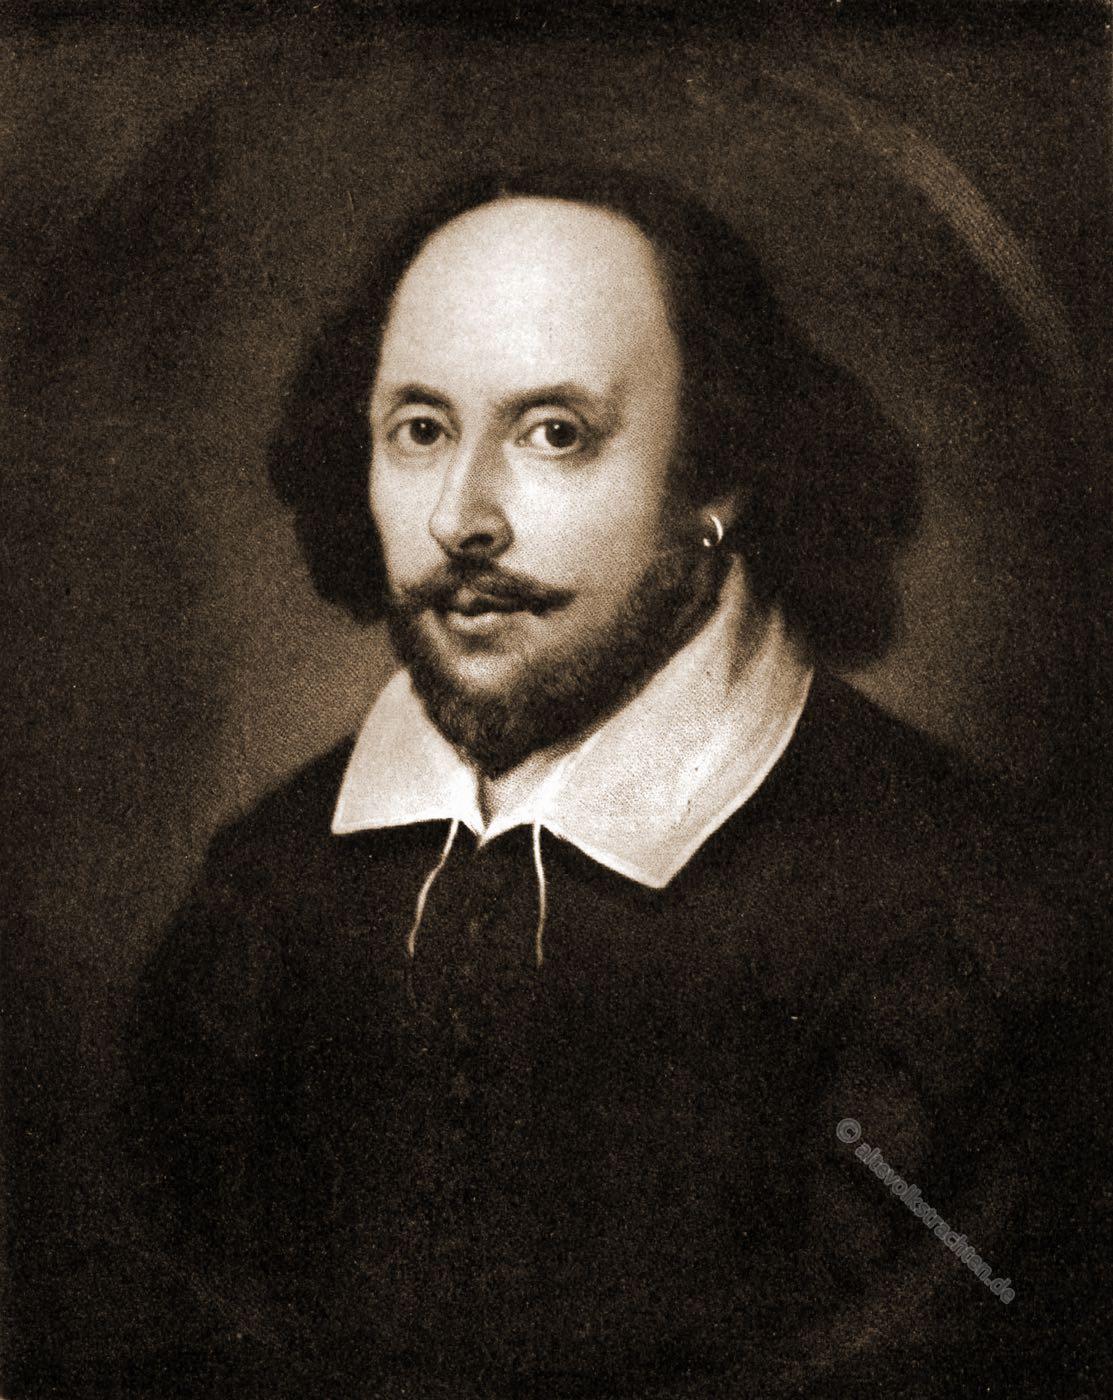 William Shakespeare, Portrait, England, Dramatiker, Lyriker, Schauspieler, Barock, Komödien, Tragödien, Bühnenstücke, Weltliteratur